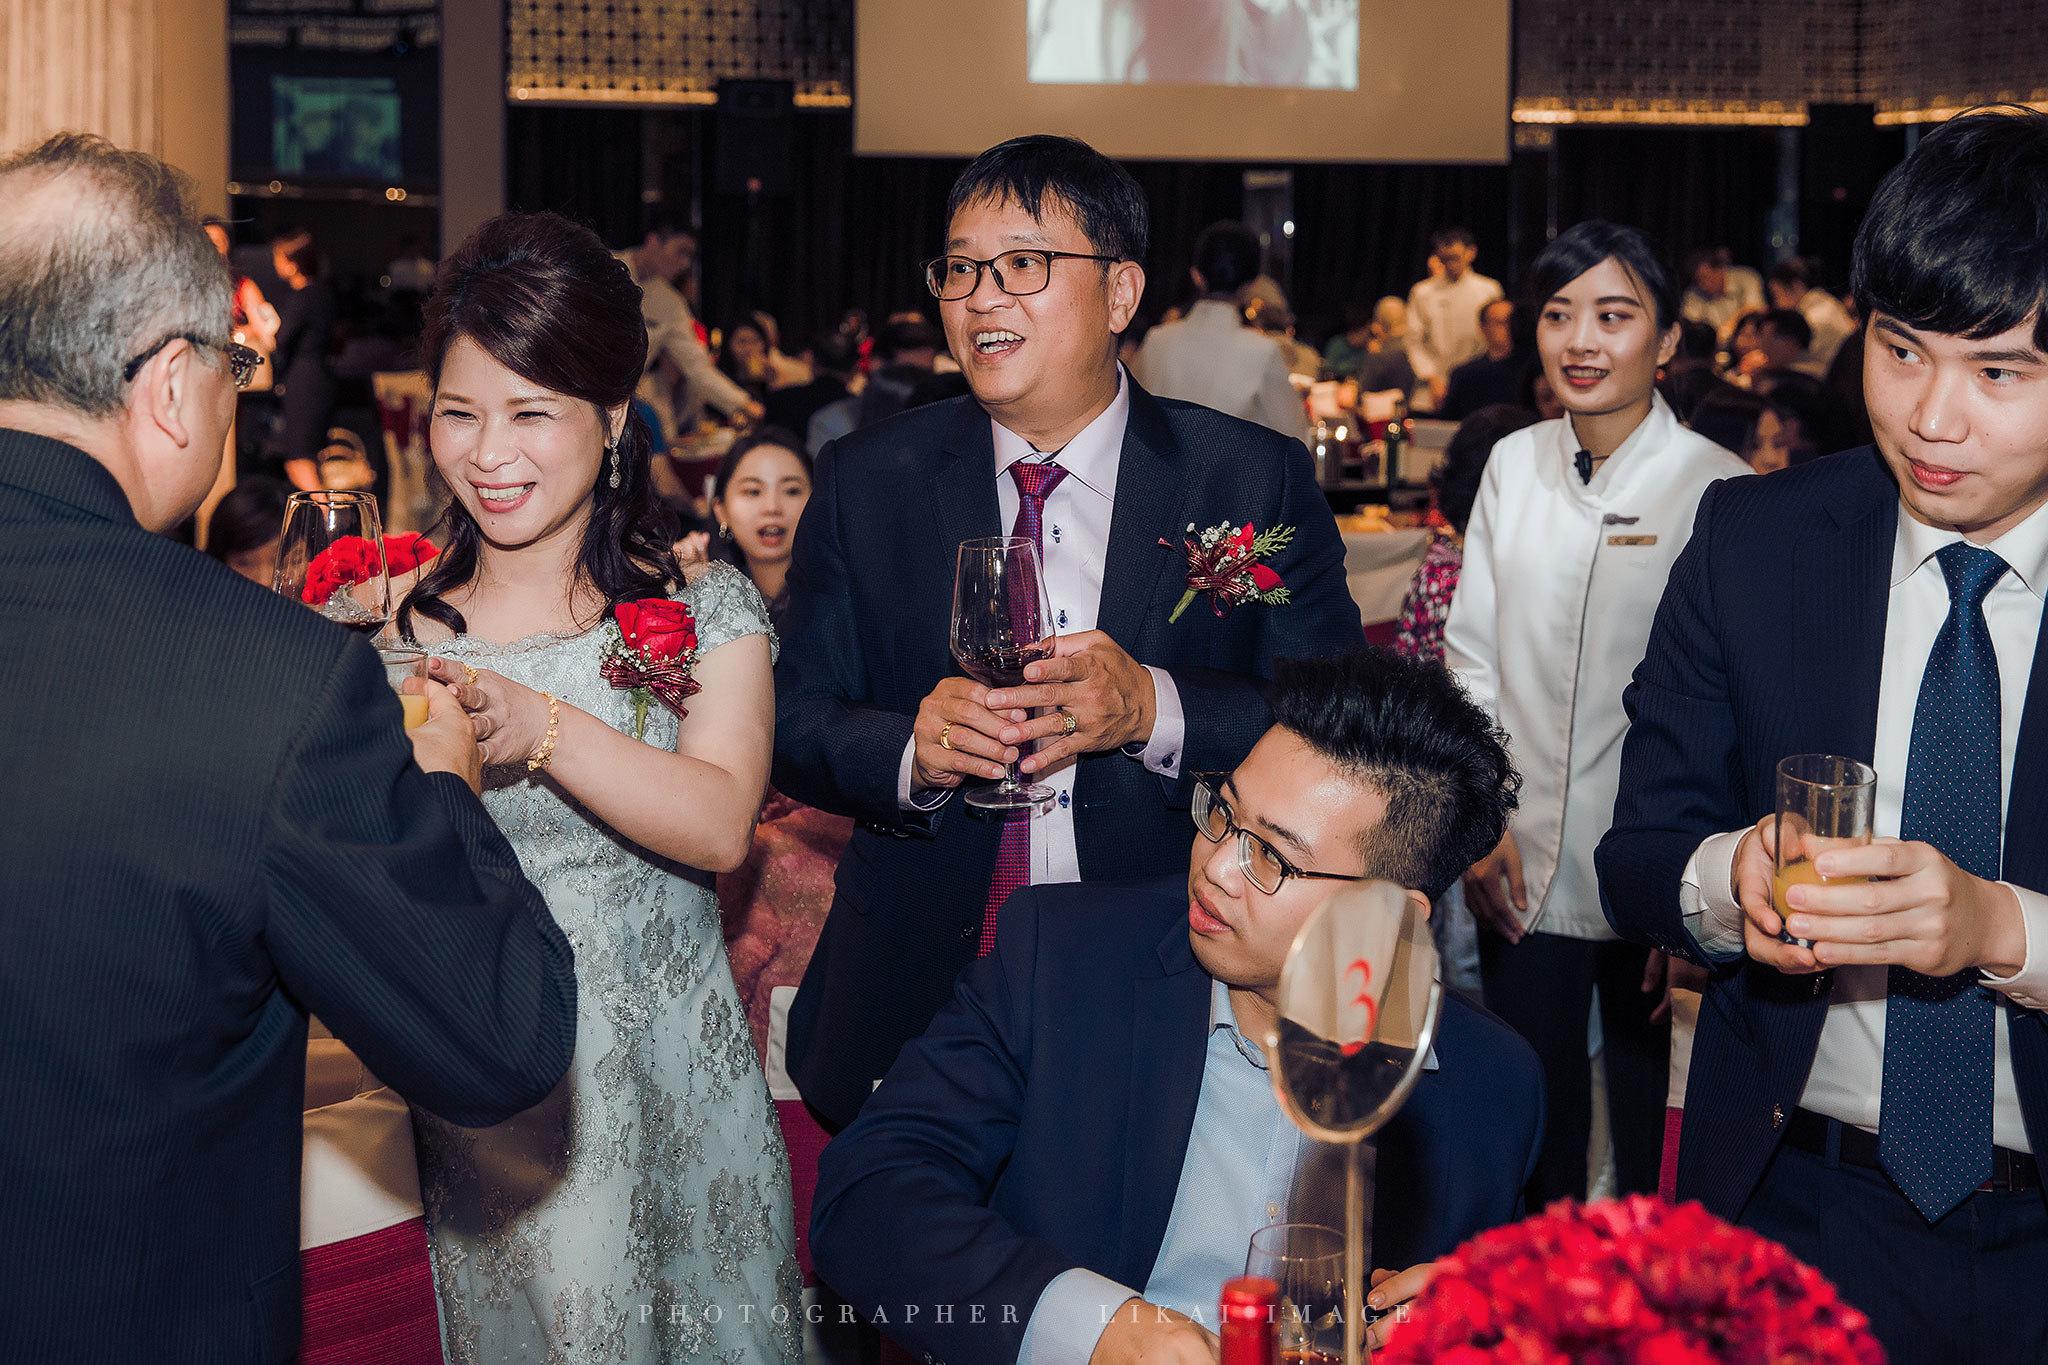 婚禮紀錄 - 菁姿 & 柏安 - 晶華酒店